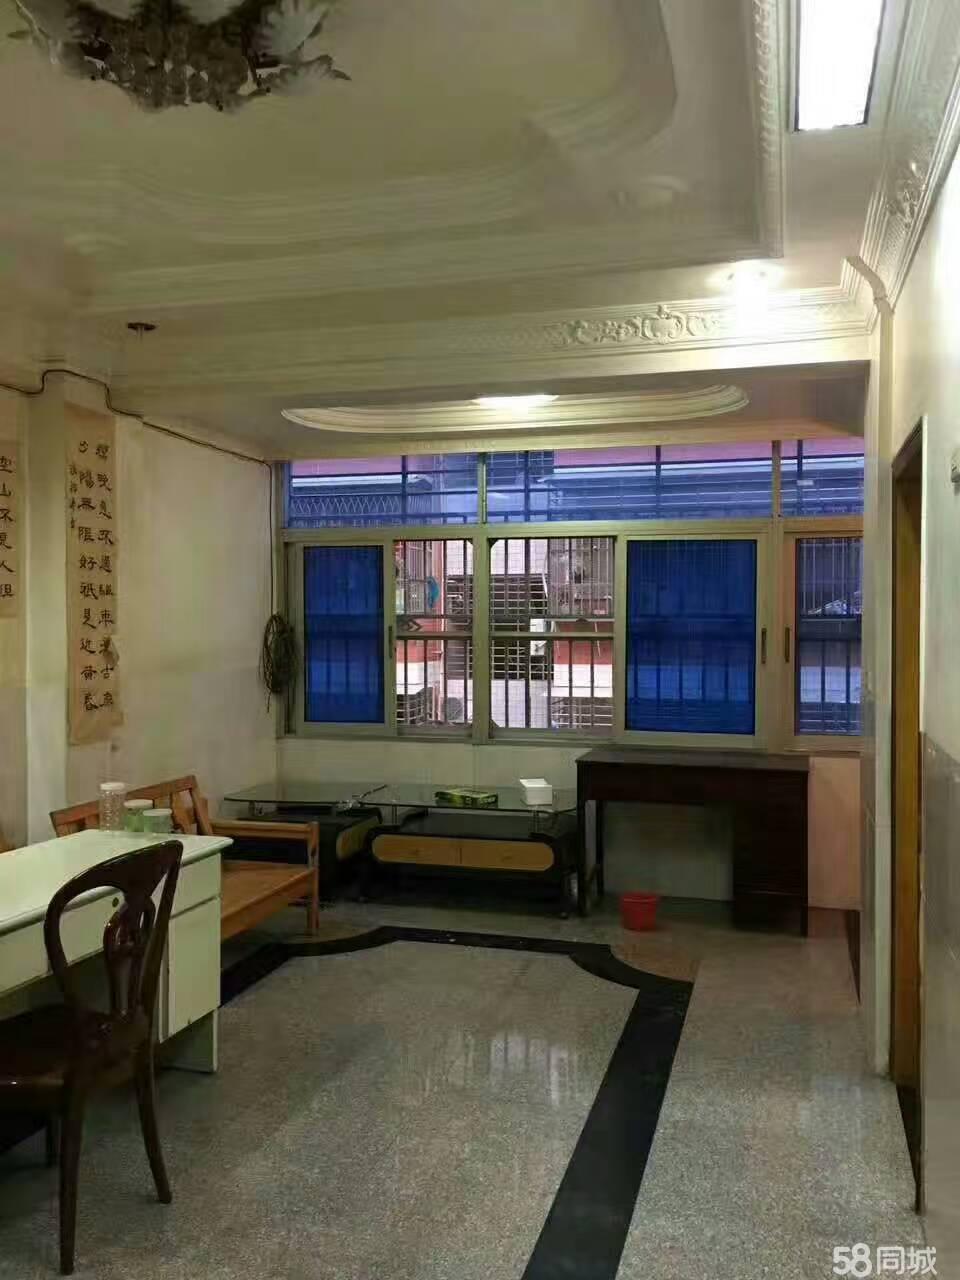 急低价出售龙湖4小学校附近的学区房3室2厅2卫